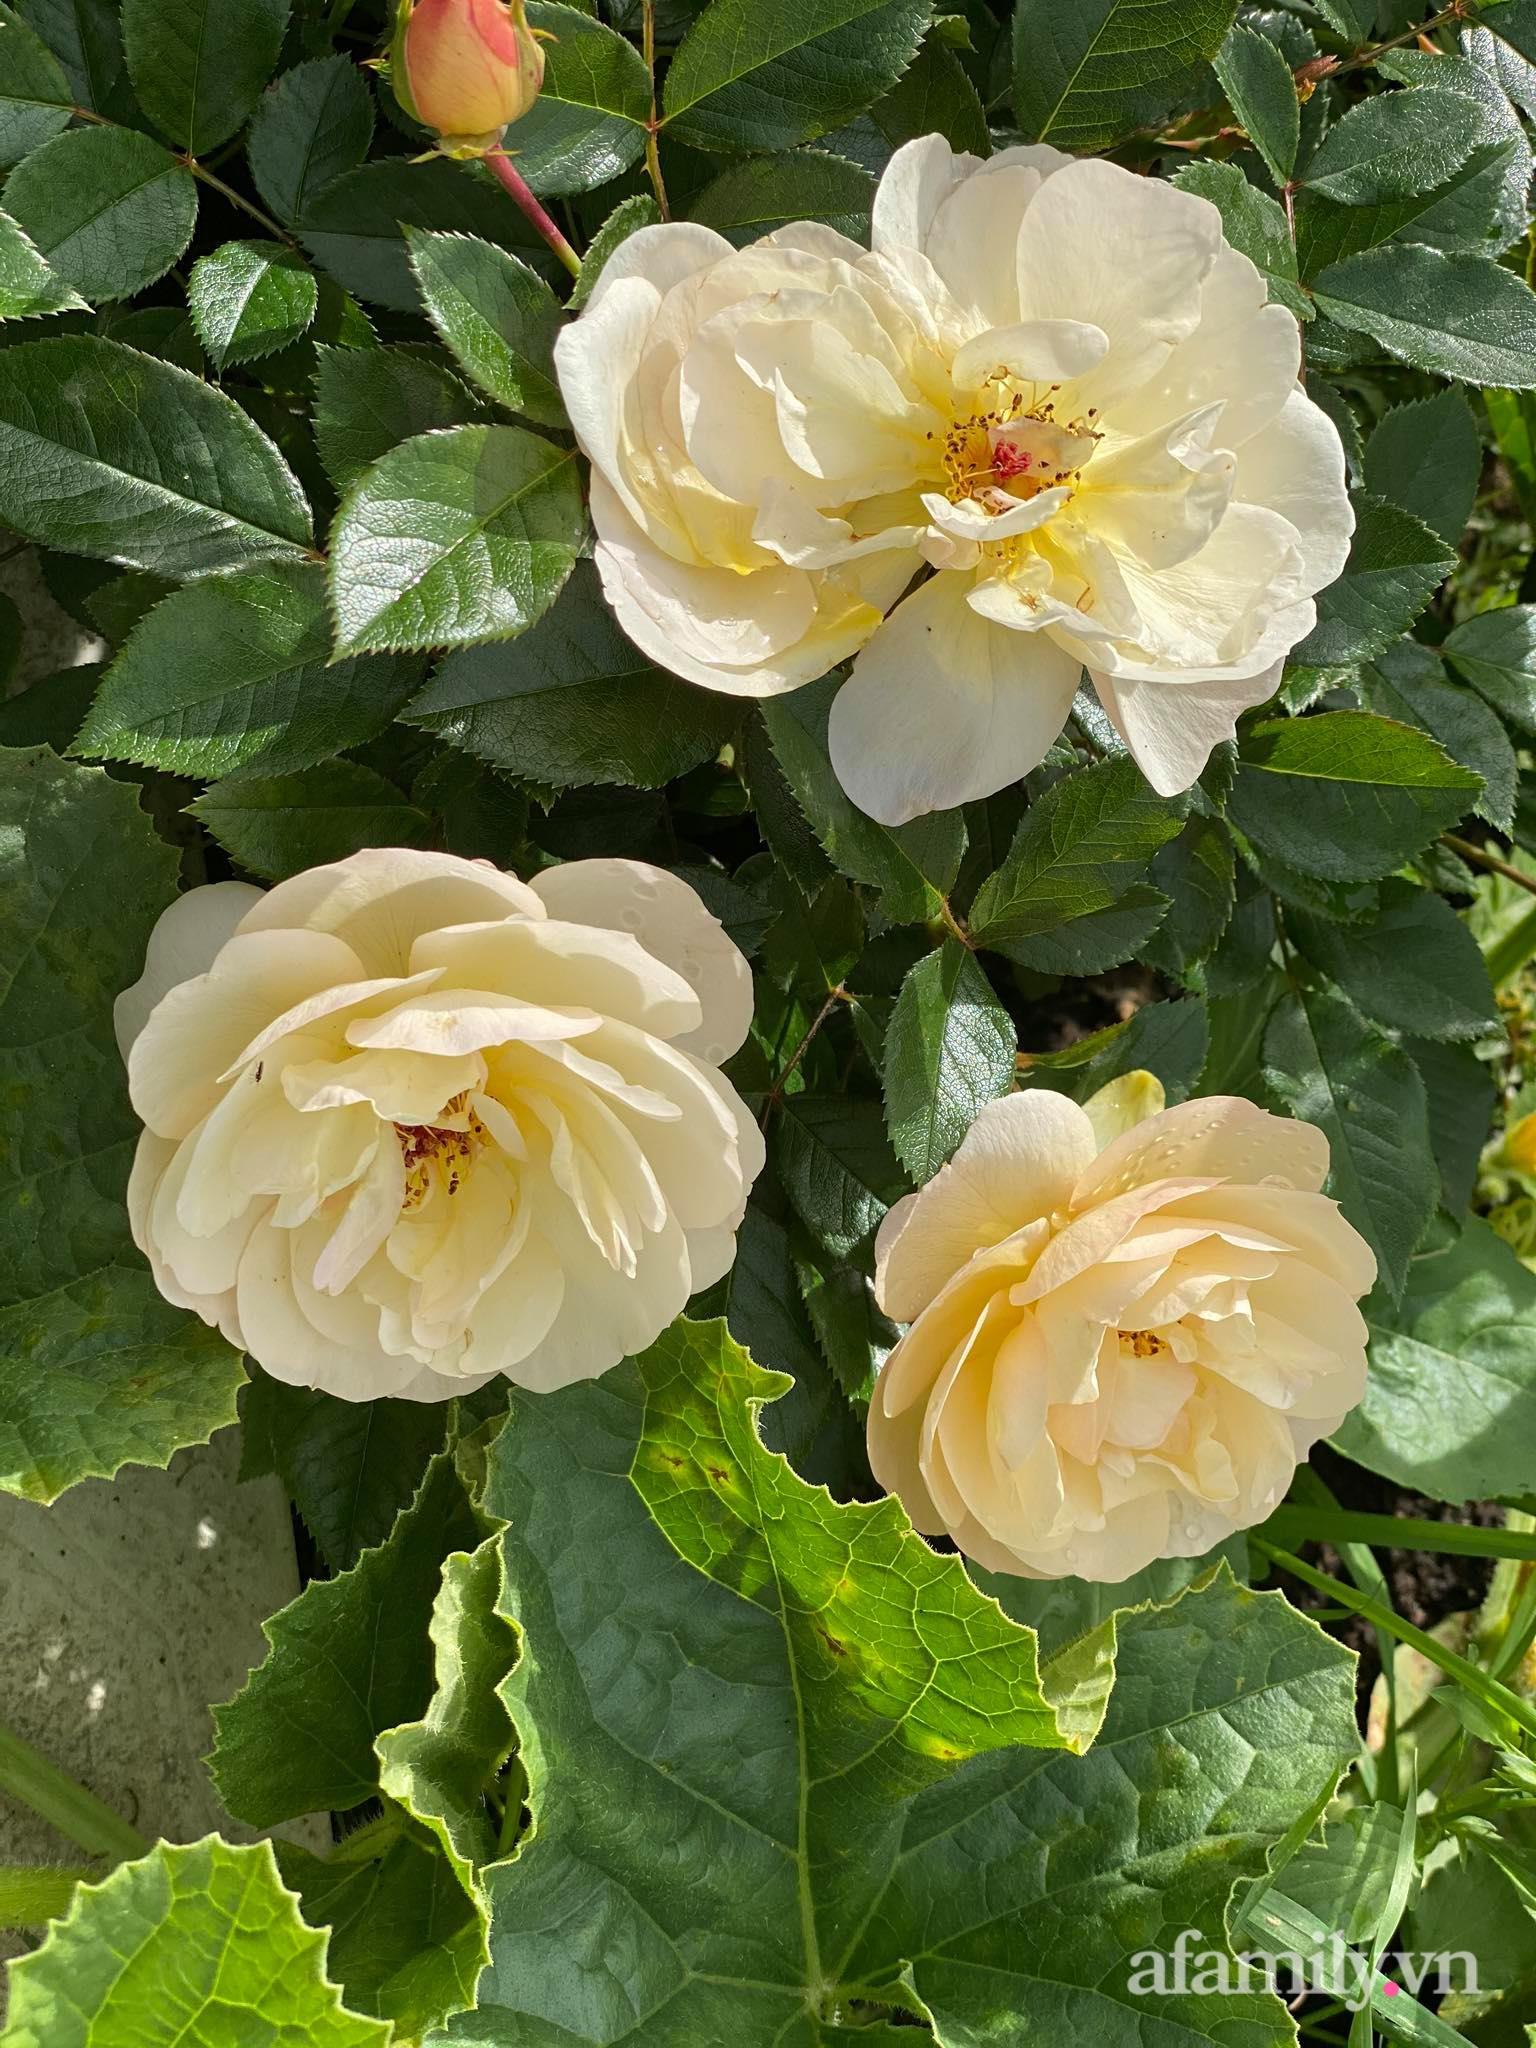 Khu vườn ngát hương hoa, tươi xanh màu rau củ của nữ giám đốc Việt ở Nga - Ảnh 6.